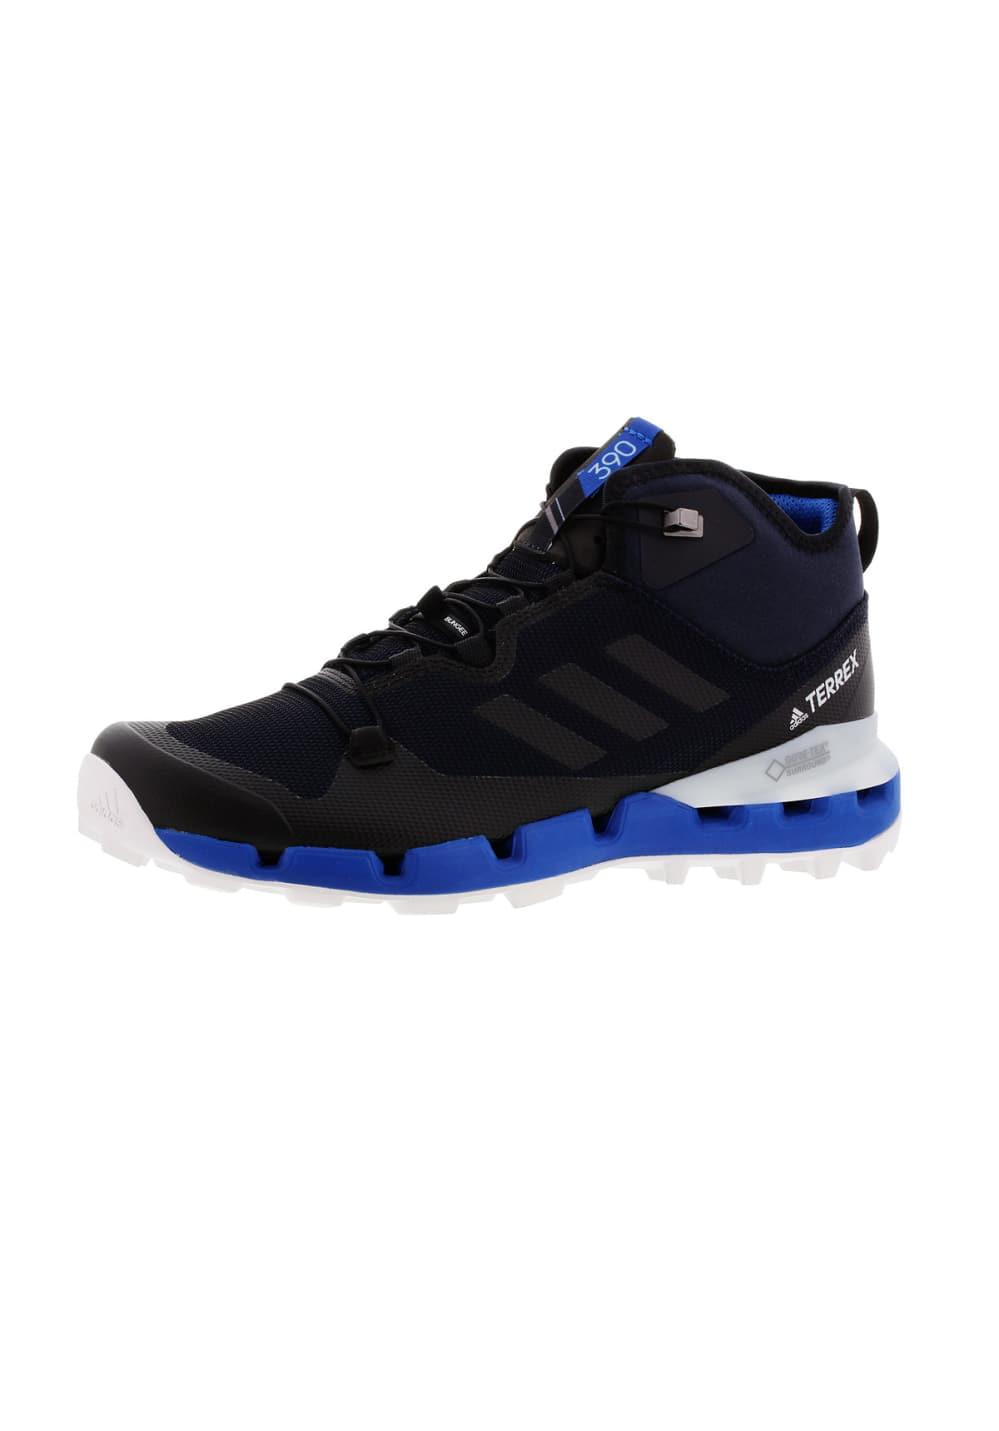 03a66479236 Next. -60%. adidas TERREX. Terrex Fast Mid Gtx-surround - Chaussures  randonnée pour Homme